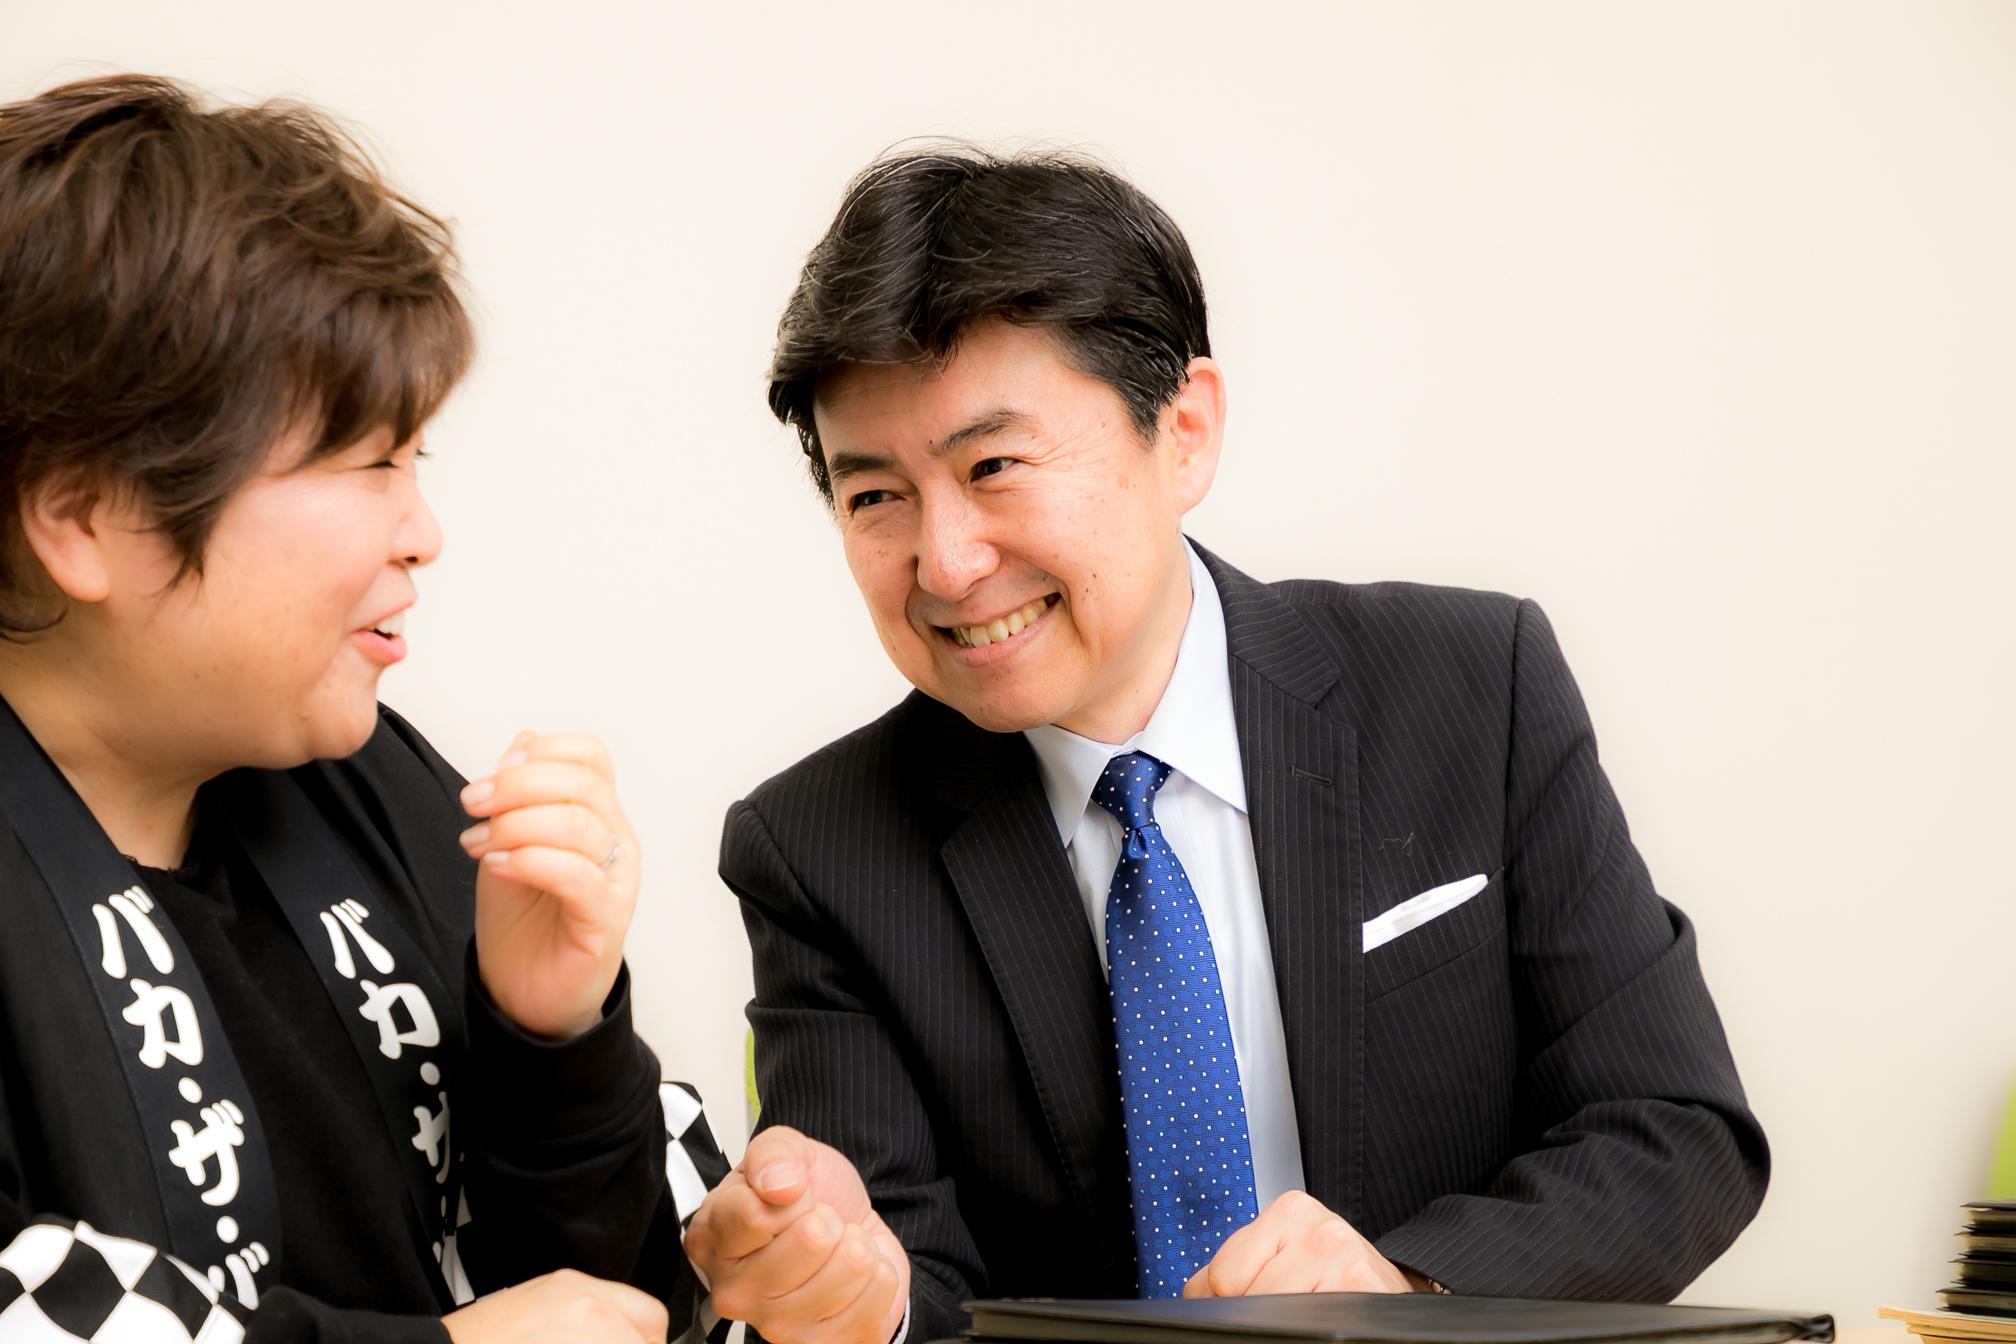 笠井信輔アナウンサーがアカデミー賞を語る!『シェイプ・オブ・ウォーター』は女性ライターが号泣しちゃってた。